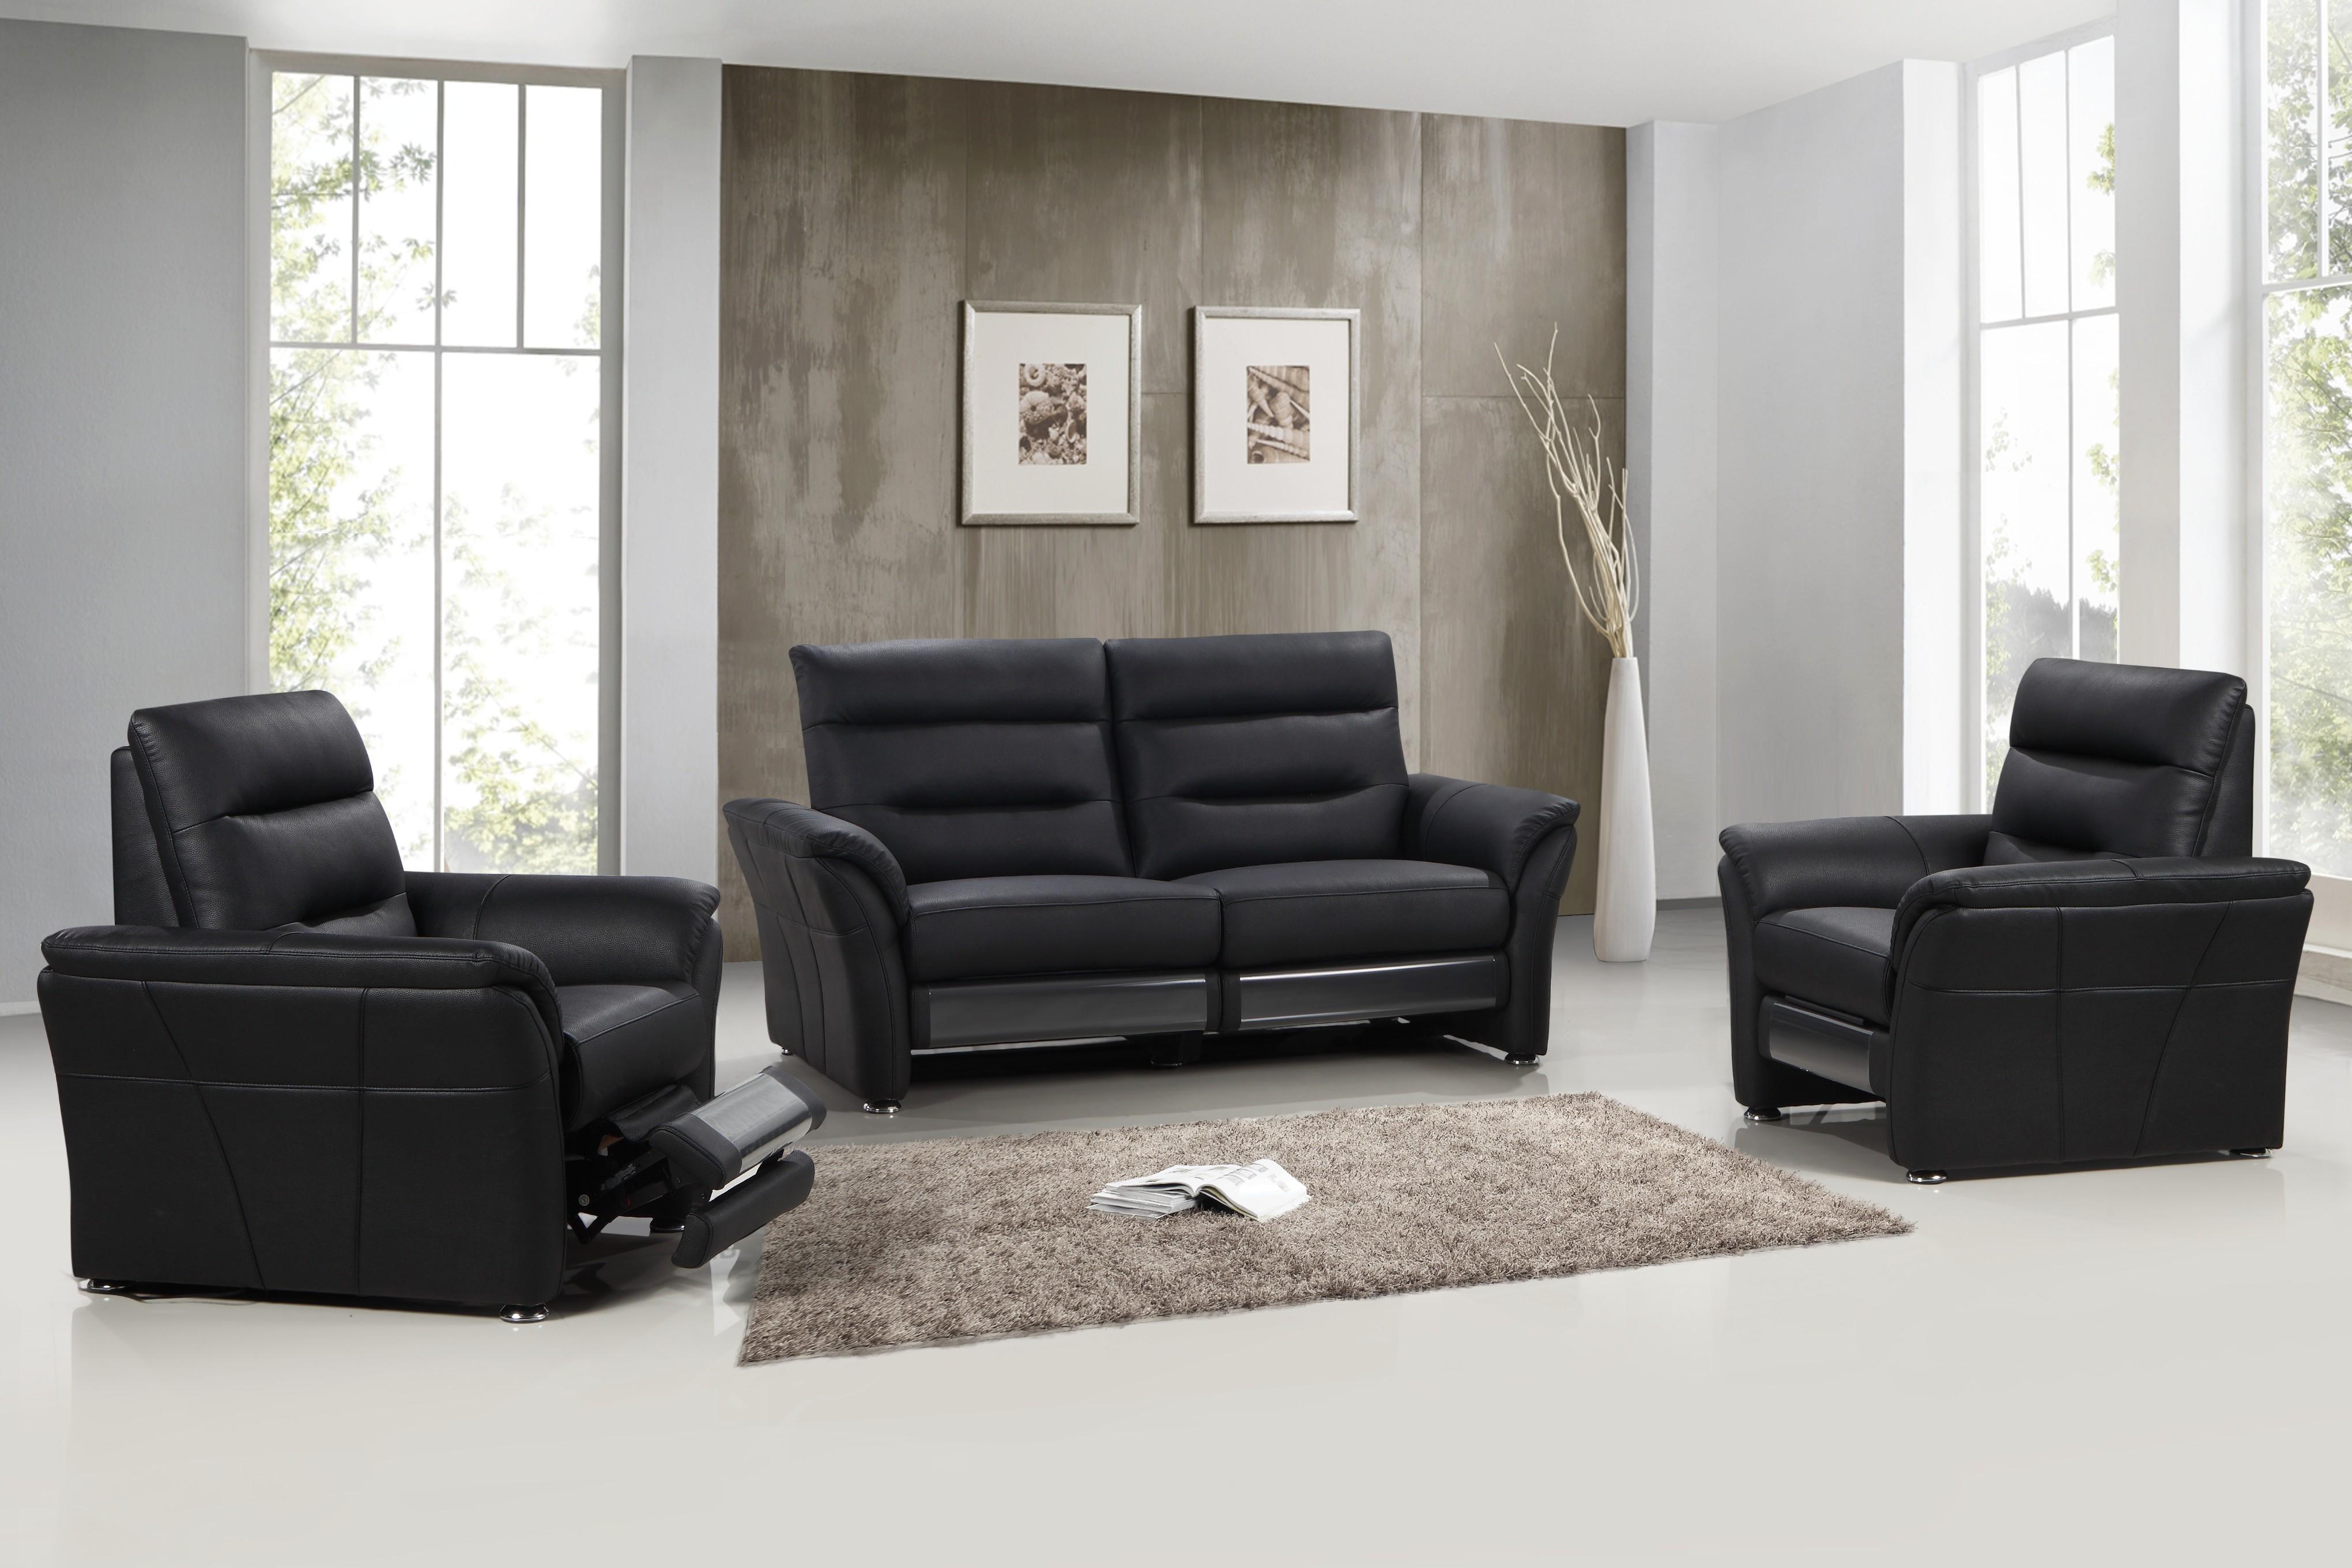 Nya Texas el recliner soffa - Folkets Möbler LX-43